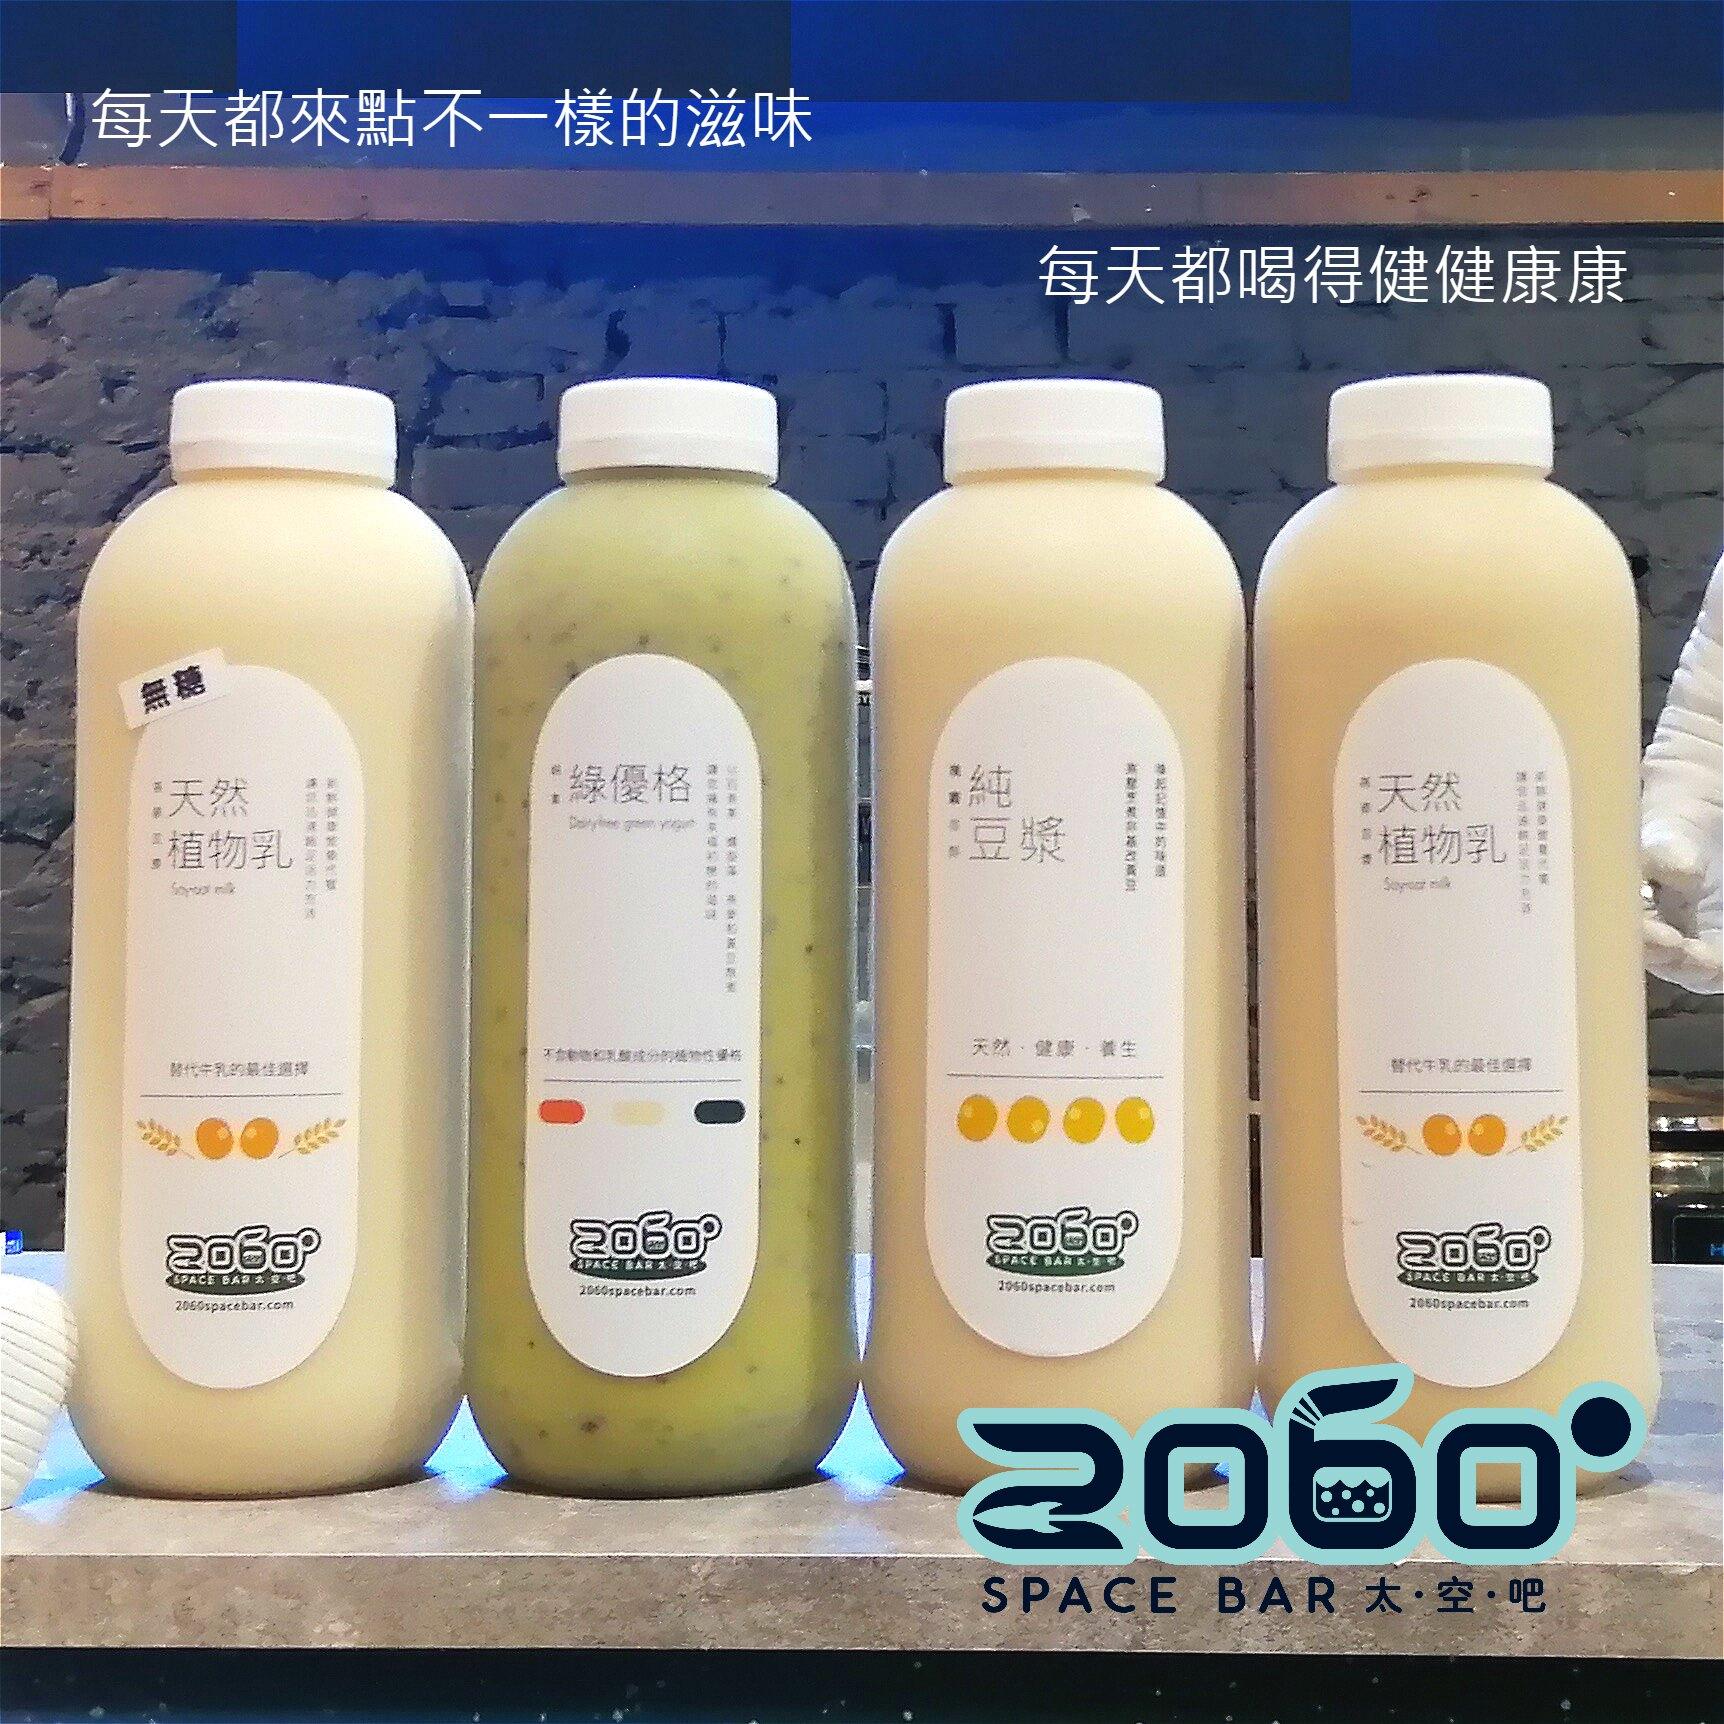 2060天然植物乳+純素綠優格 【組合】960ml(4大瓶裝混搭)